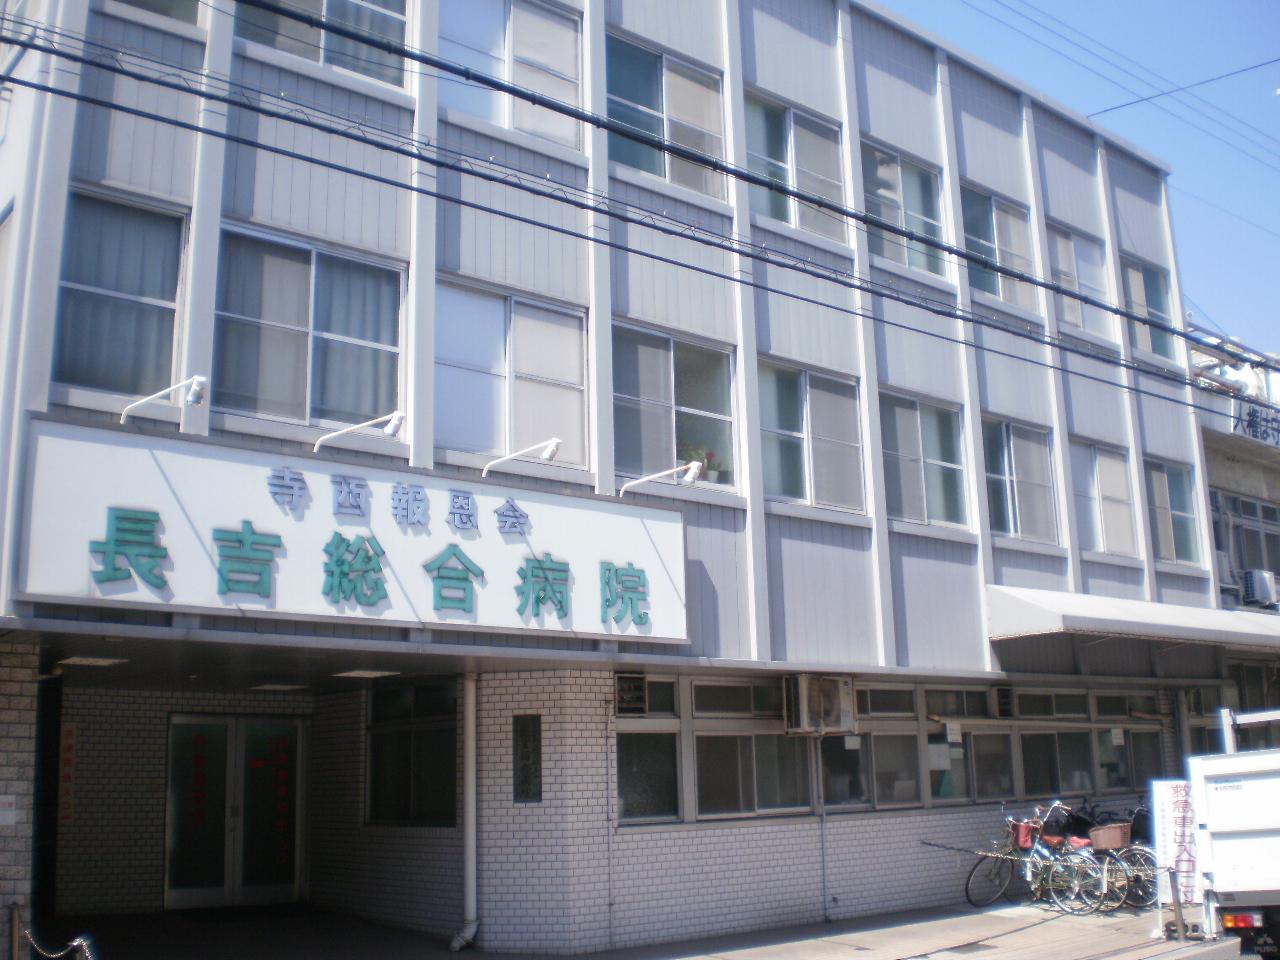 病院 医療法人寺西報恩会長吉総合病院(病院)まで404m